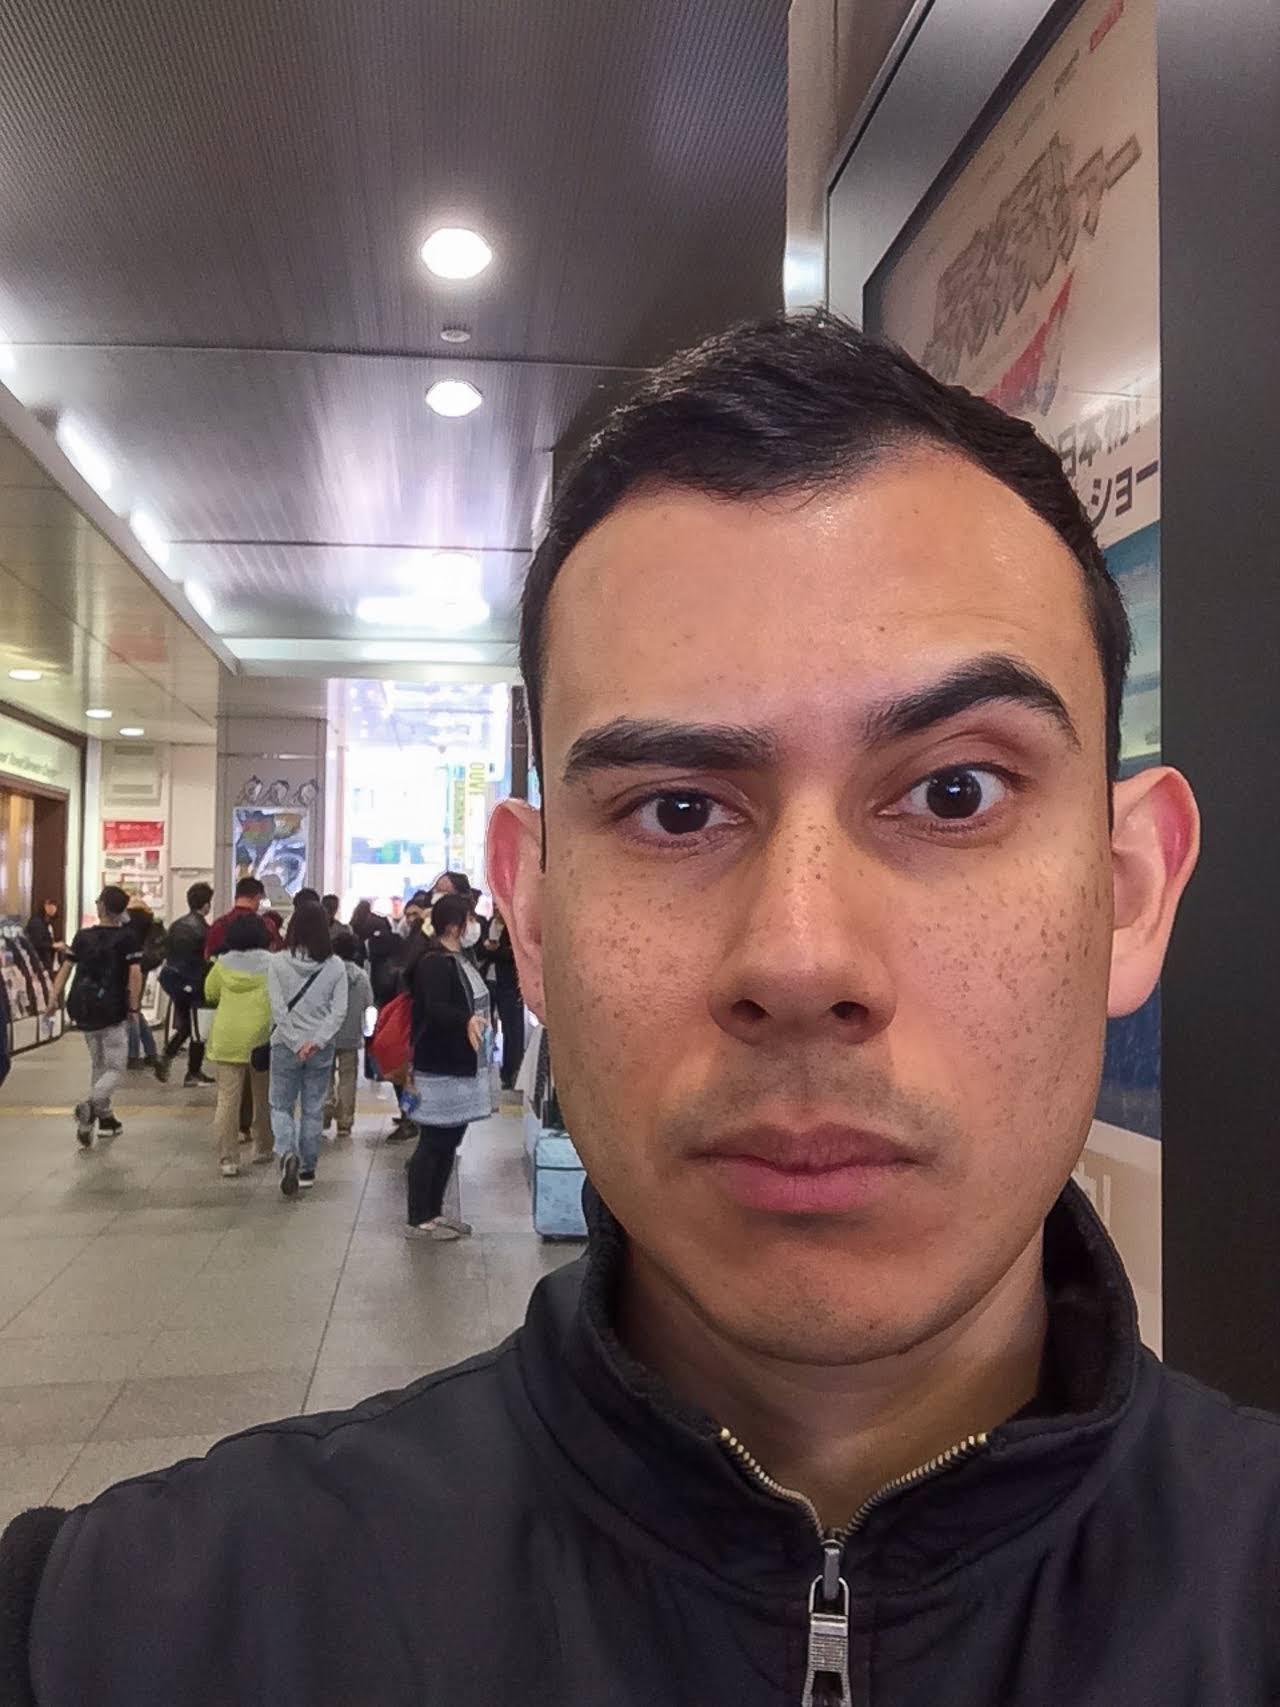 Selfie taken at Akihabara Station